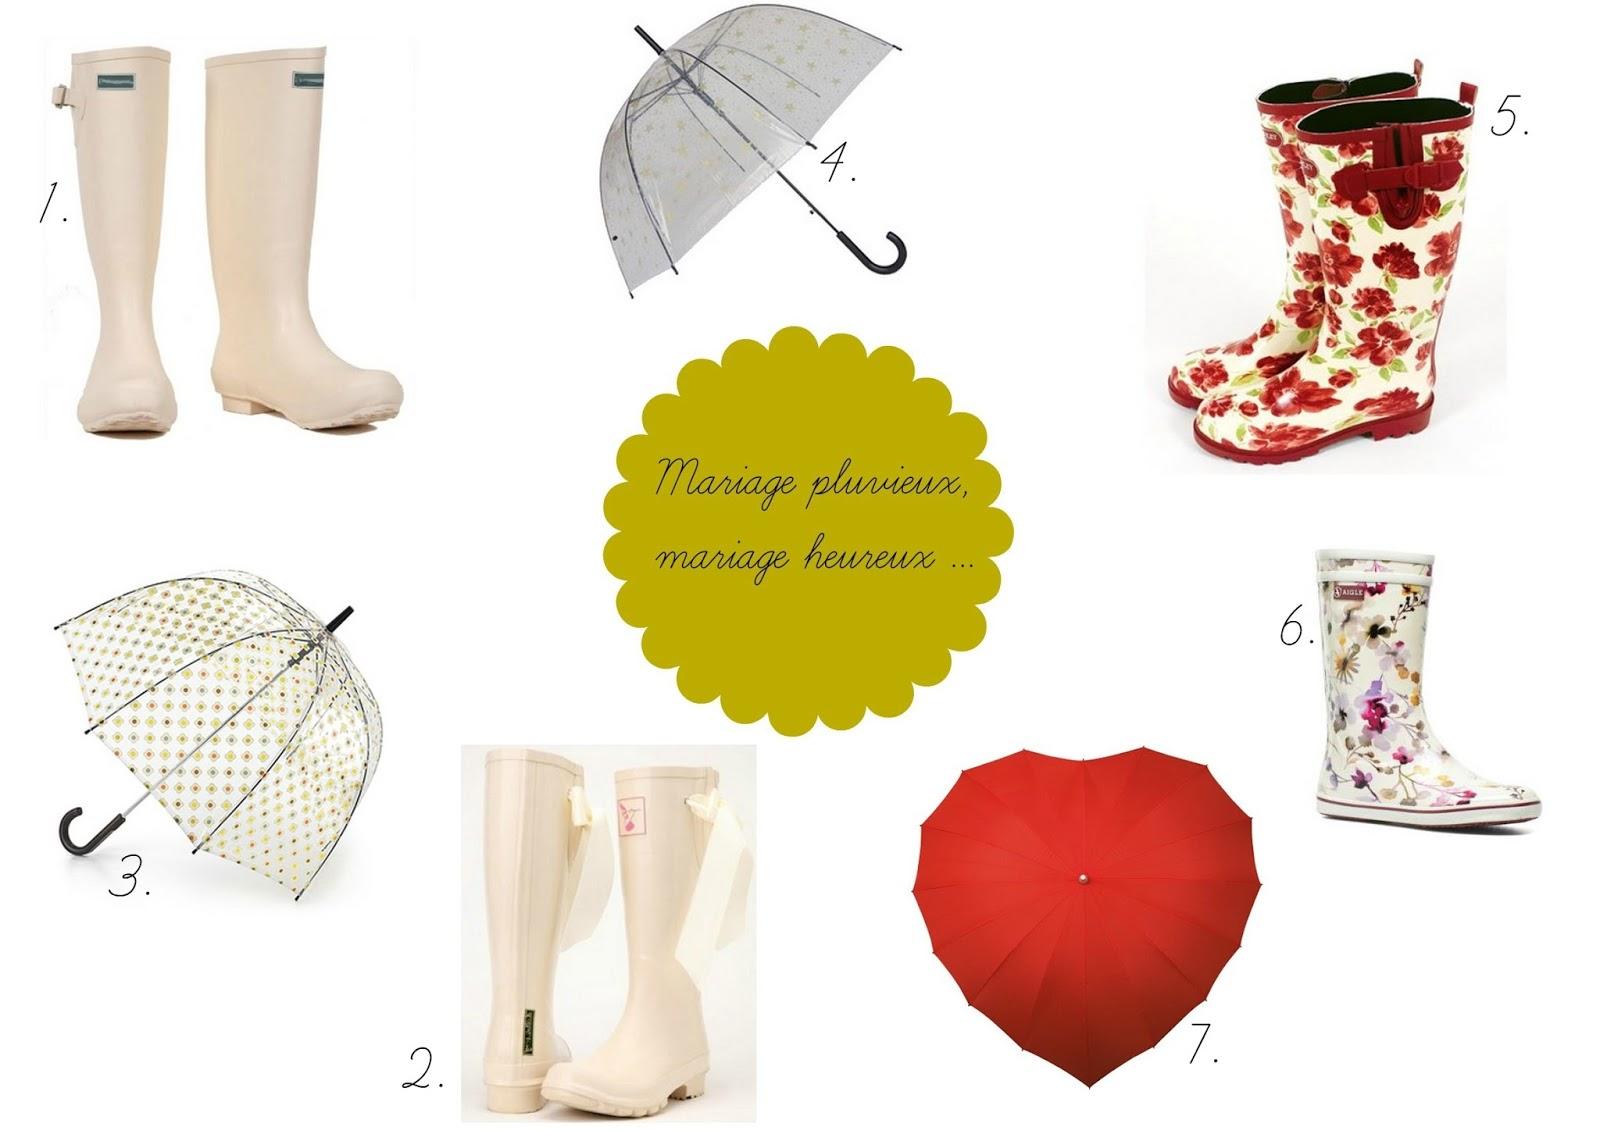 1 bottes de pluie mariage couleur crme jolies bottes de pluie 4792 2 bottes caoutchouc couleur crme avec ruban de soie jolies bottes de pluie - Parapluie Mariage Pluvieux Mariage Heureux